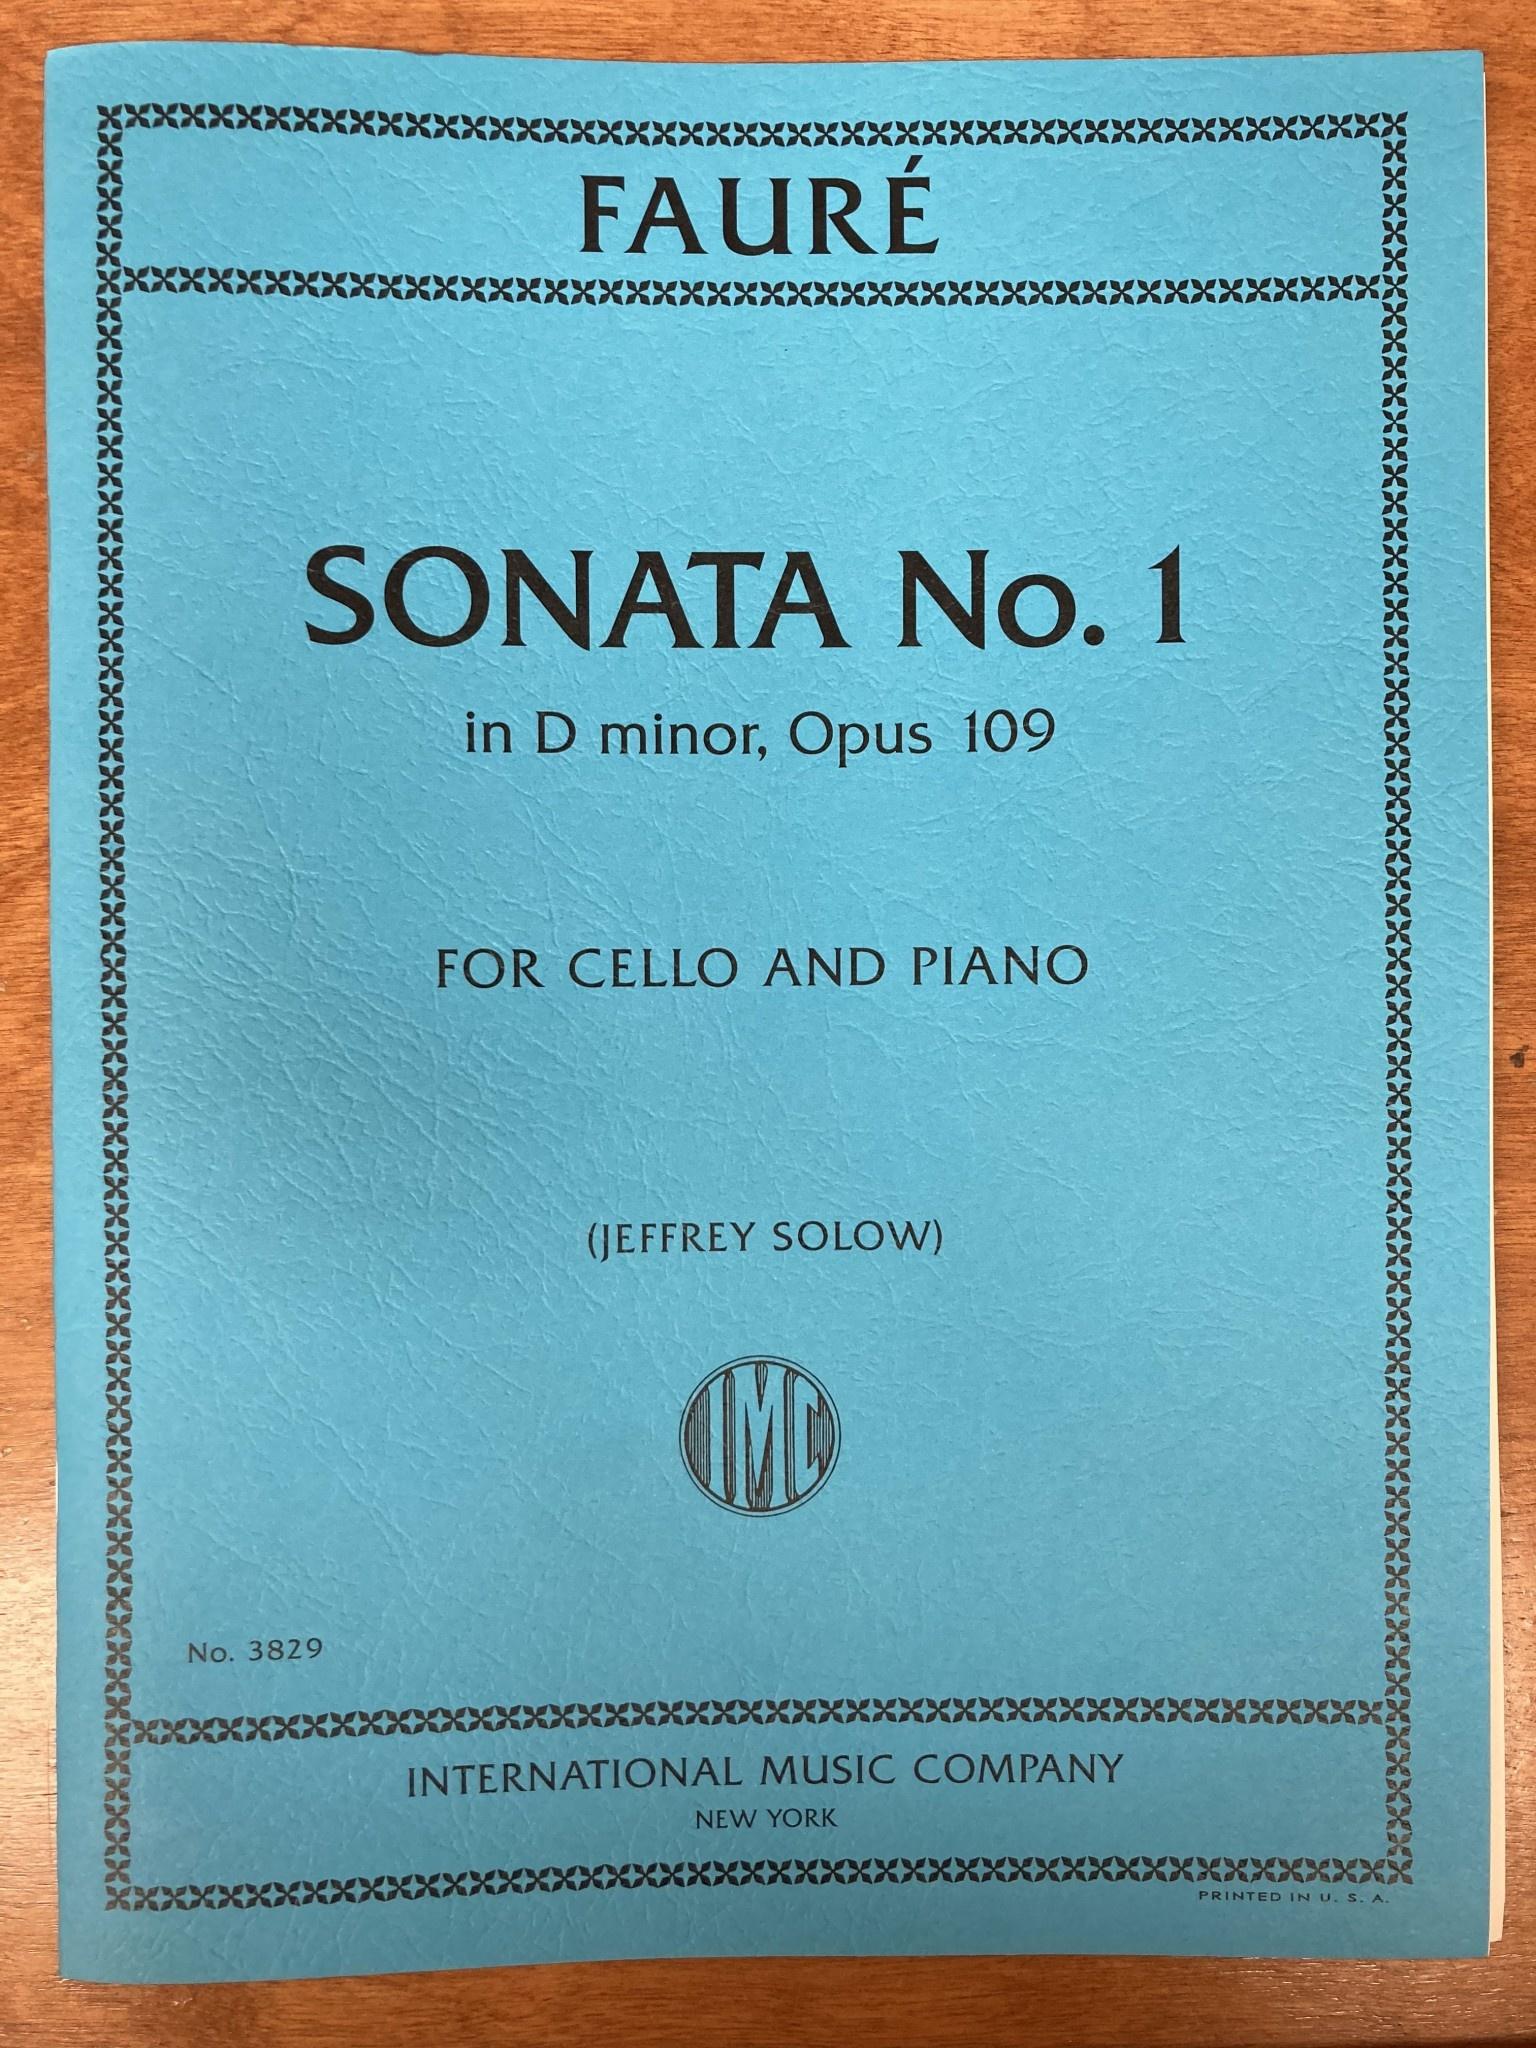 International Music Company Faure (Solow): Sonata No.1 in D minor, opus 109 (cello and piano) IMC